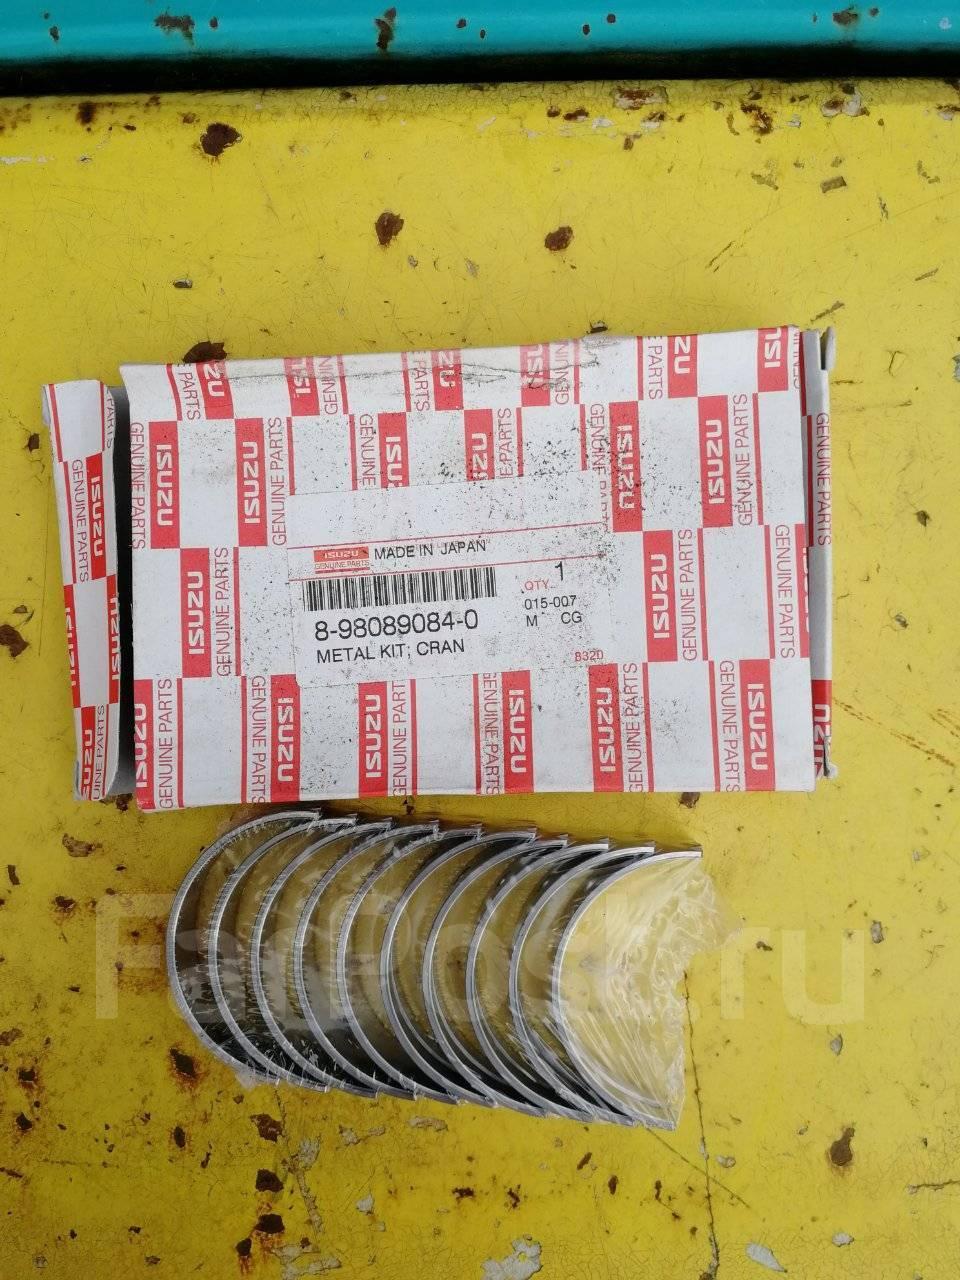 Запчасть M804 - Купить во Владивостоке! Цены  Фото автозапчастей